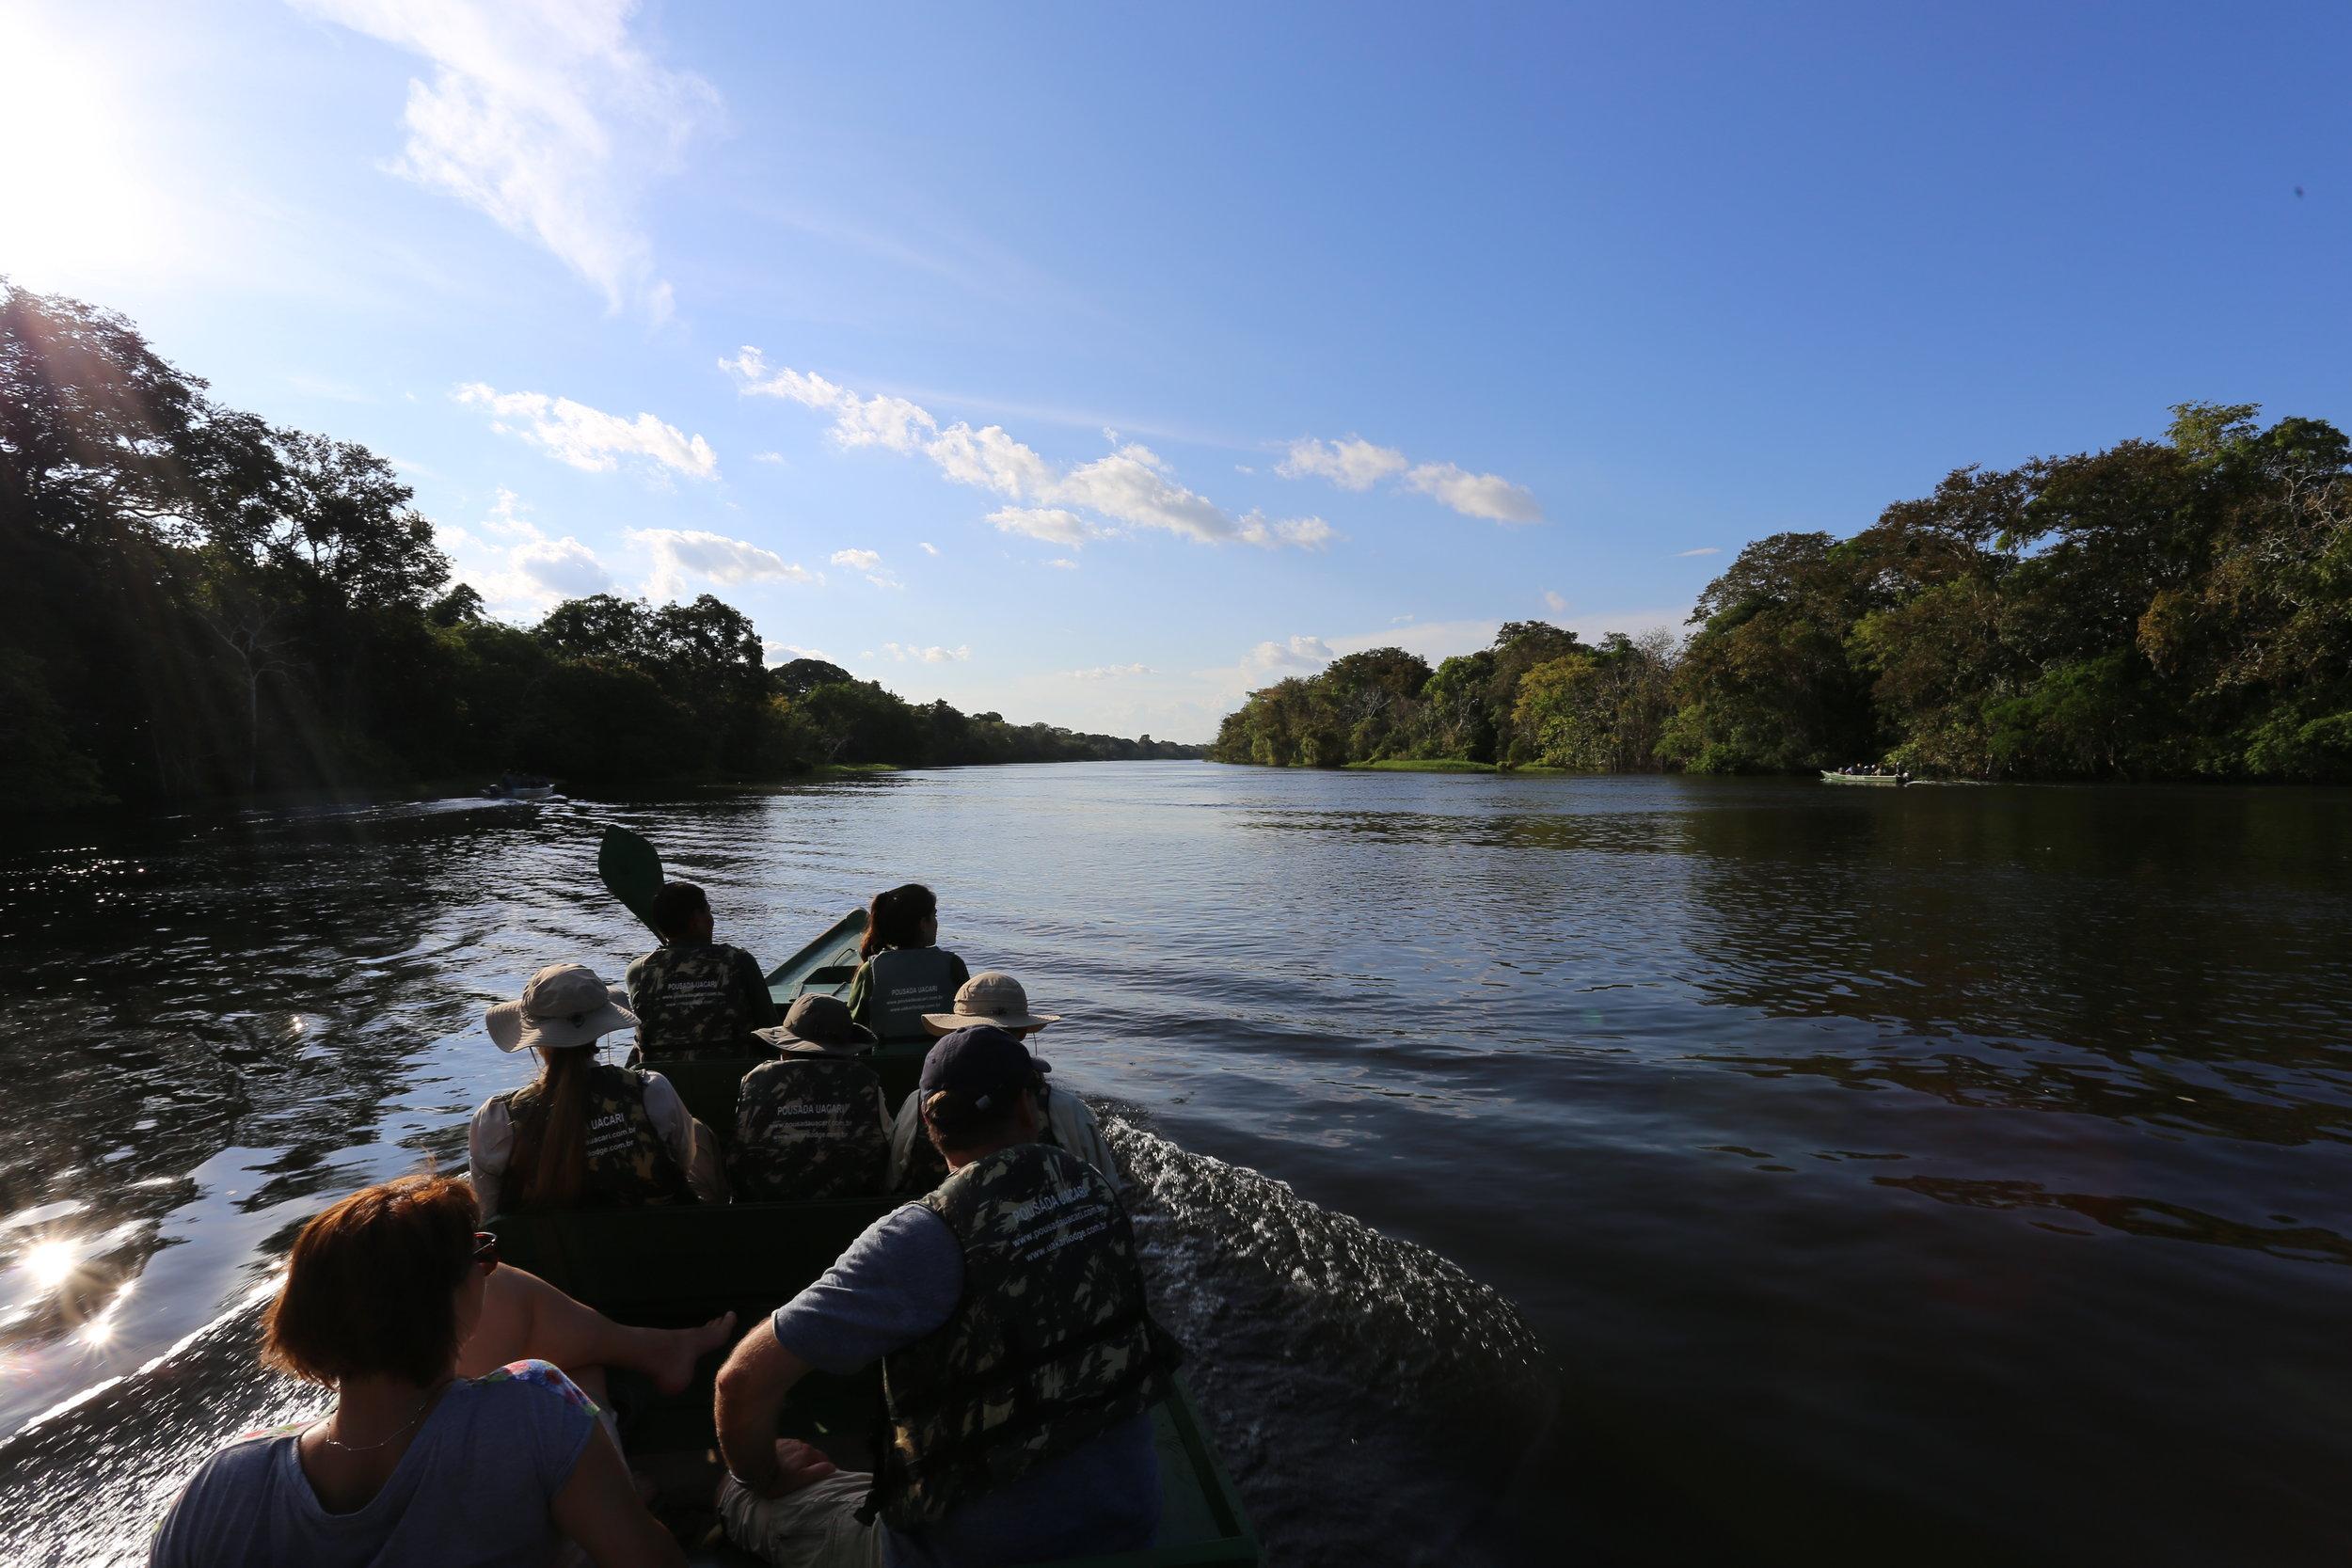 أول جولة قمت بها في غابات الأمازون